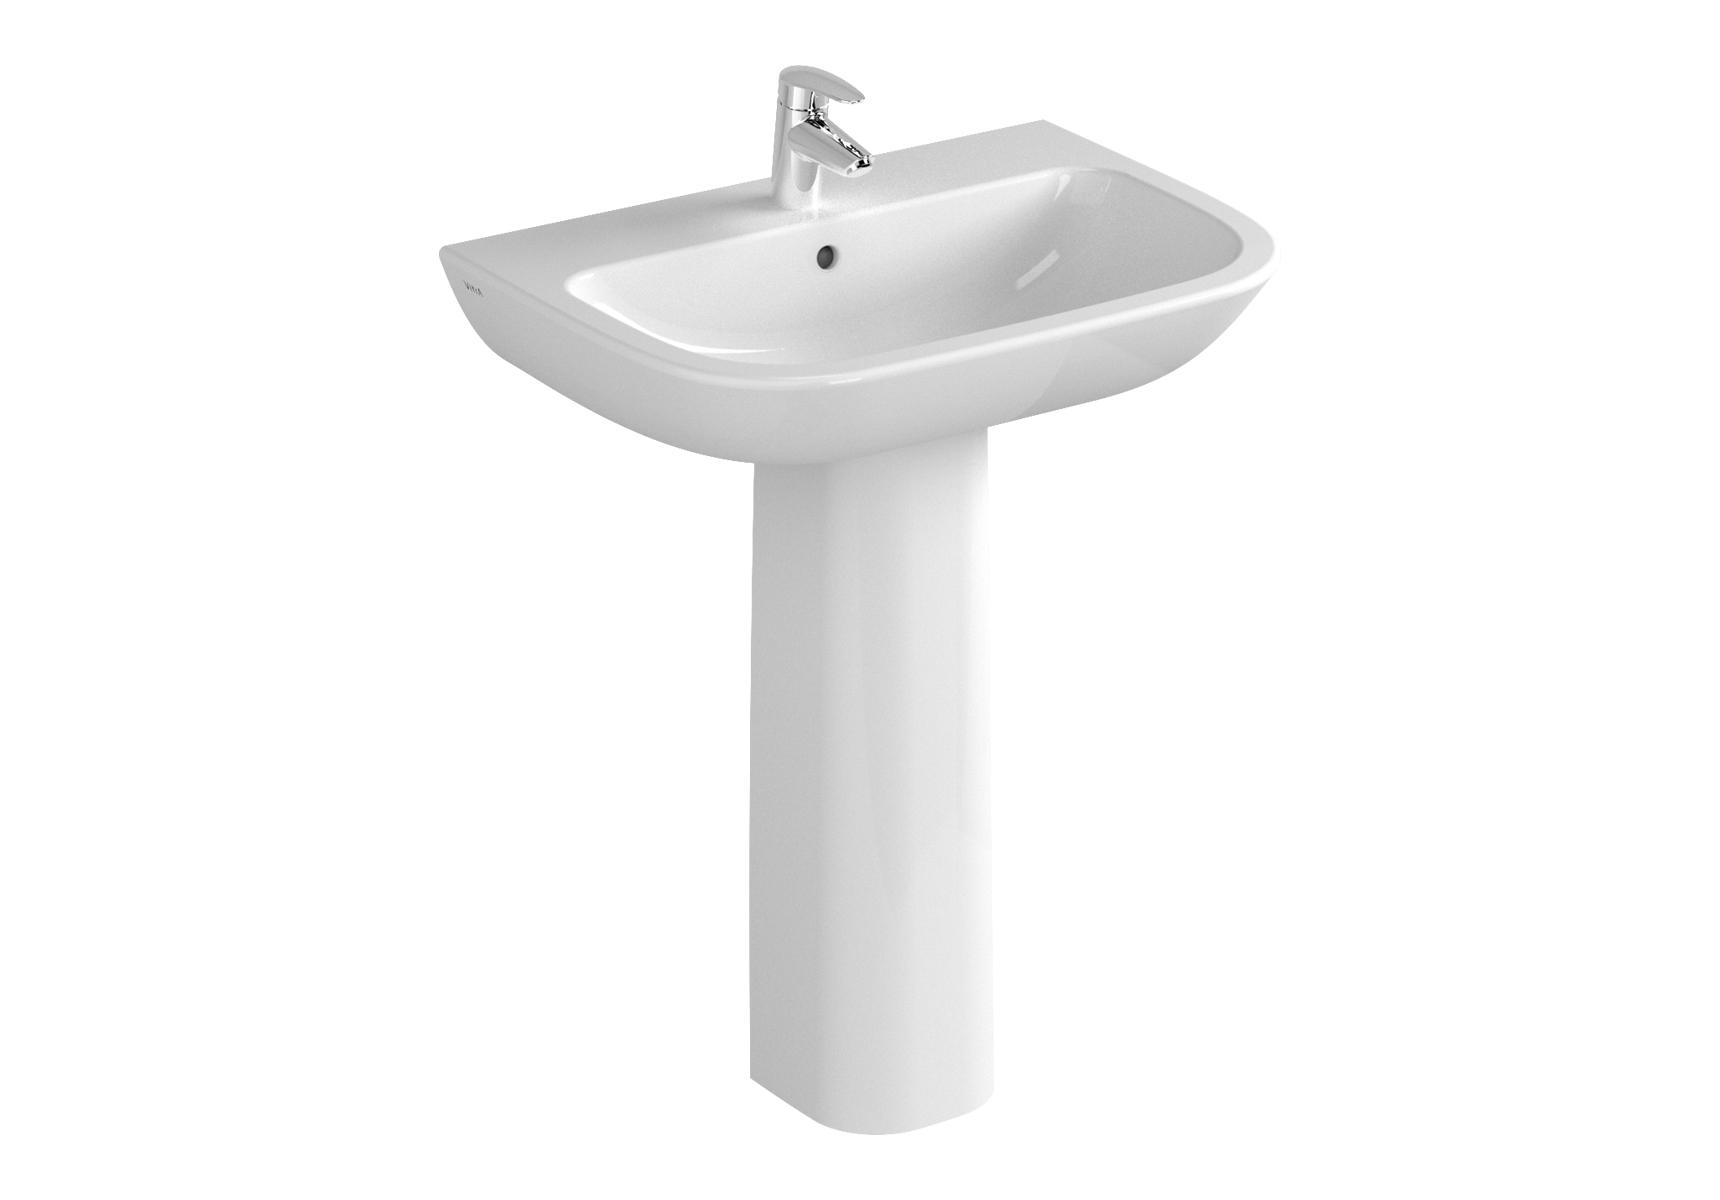 S20 Waschtisch, 65 cm, 1 Hahnloch mittig, ohne Überlaufloch, Weiß